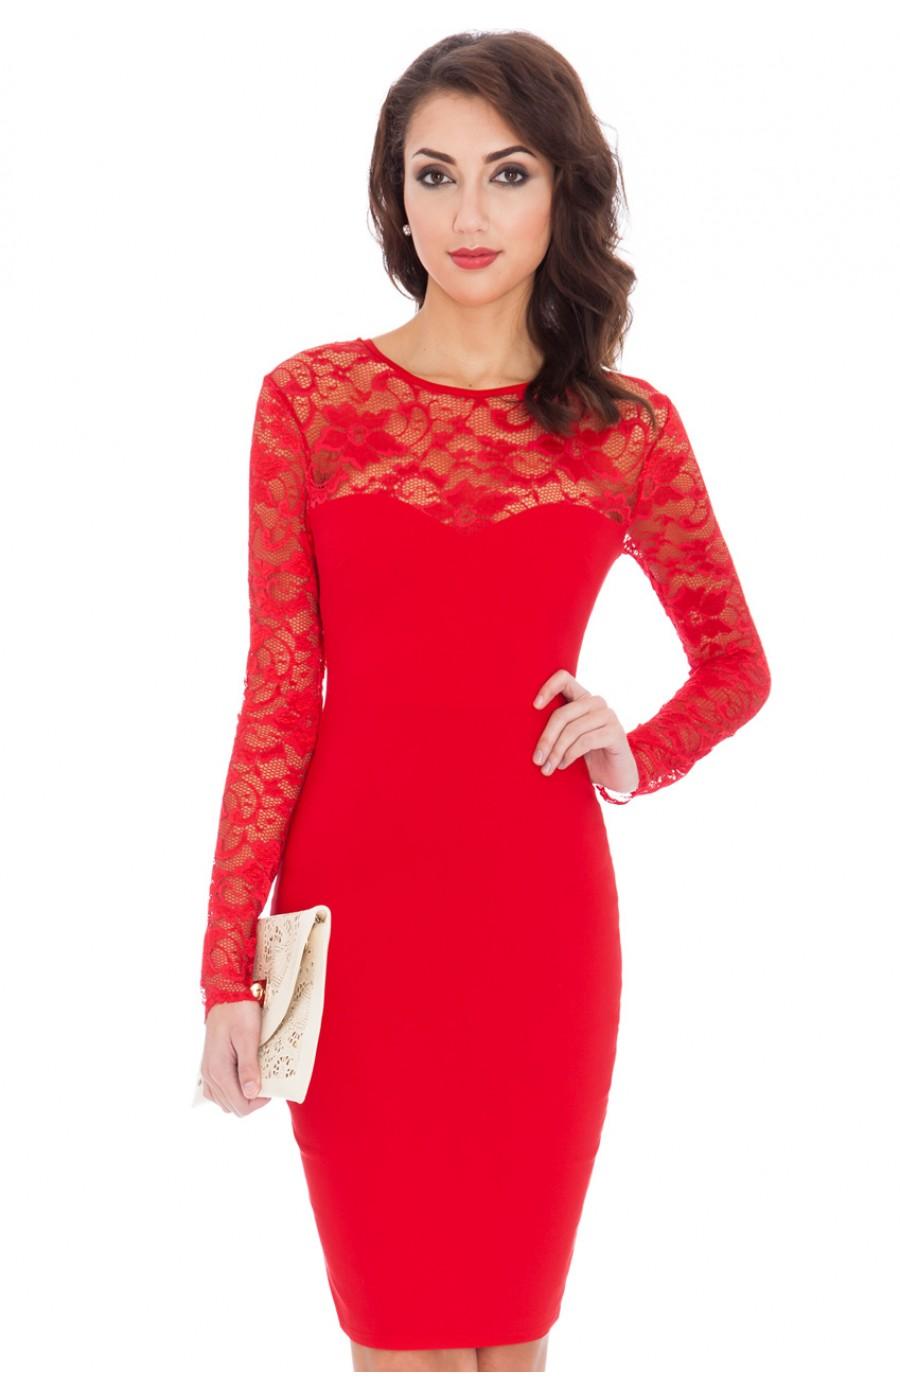 Κόκκινο φόρεμα με μακρύ μανικάκι από δαντέλα